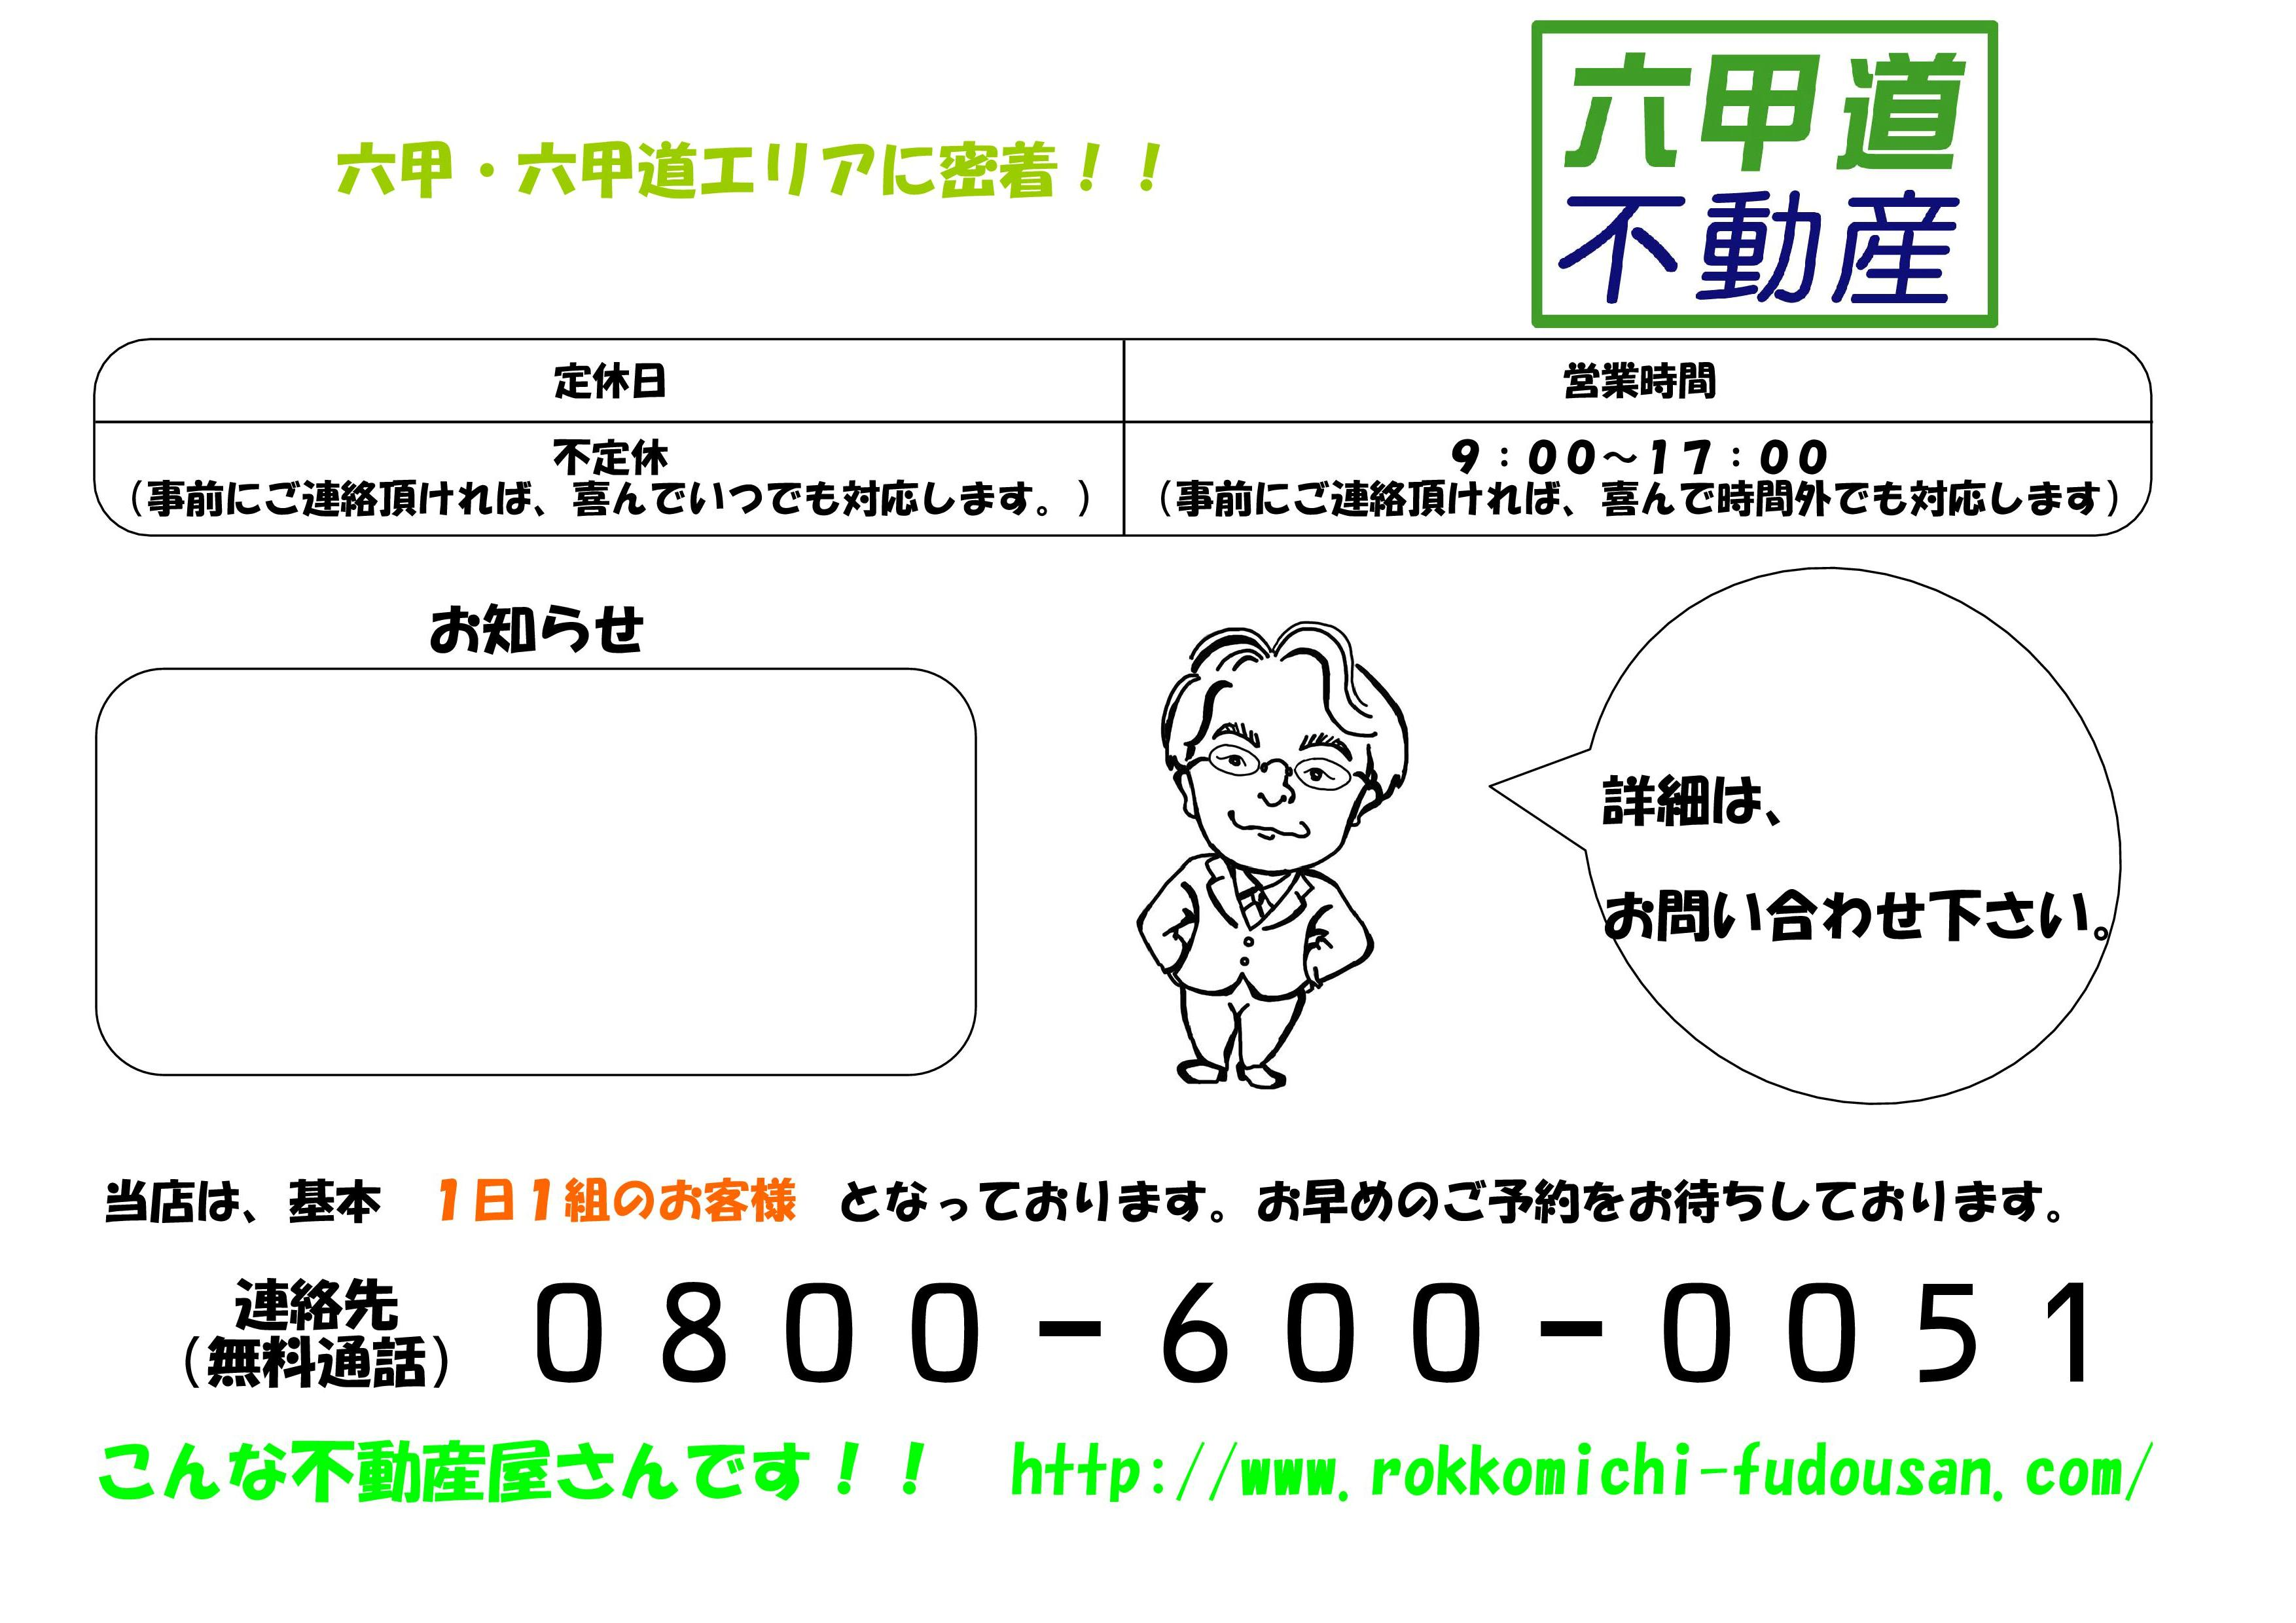 おすすめ賃貸物件7万円以上8万円未満